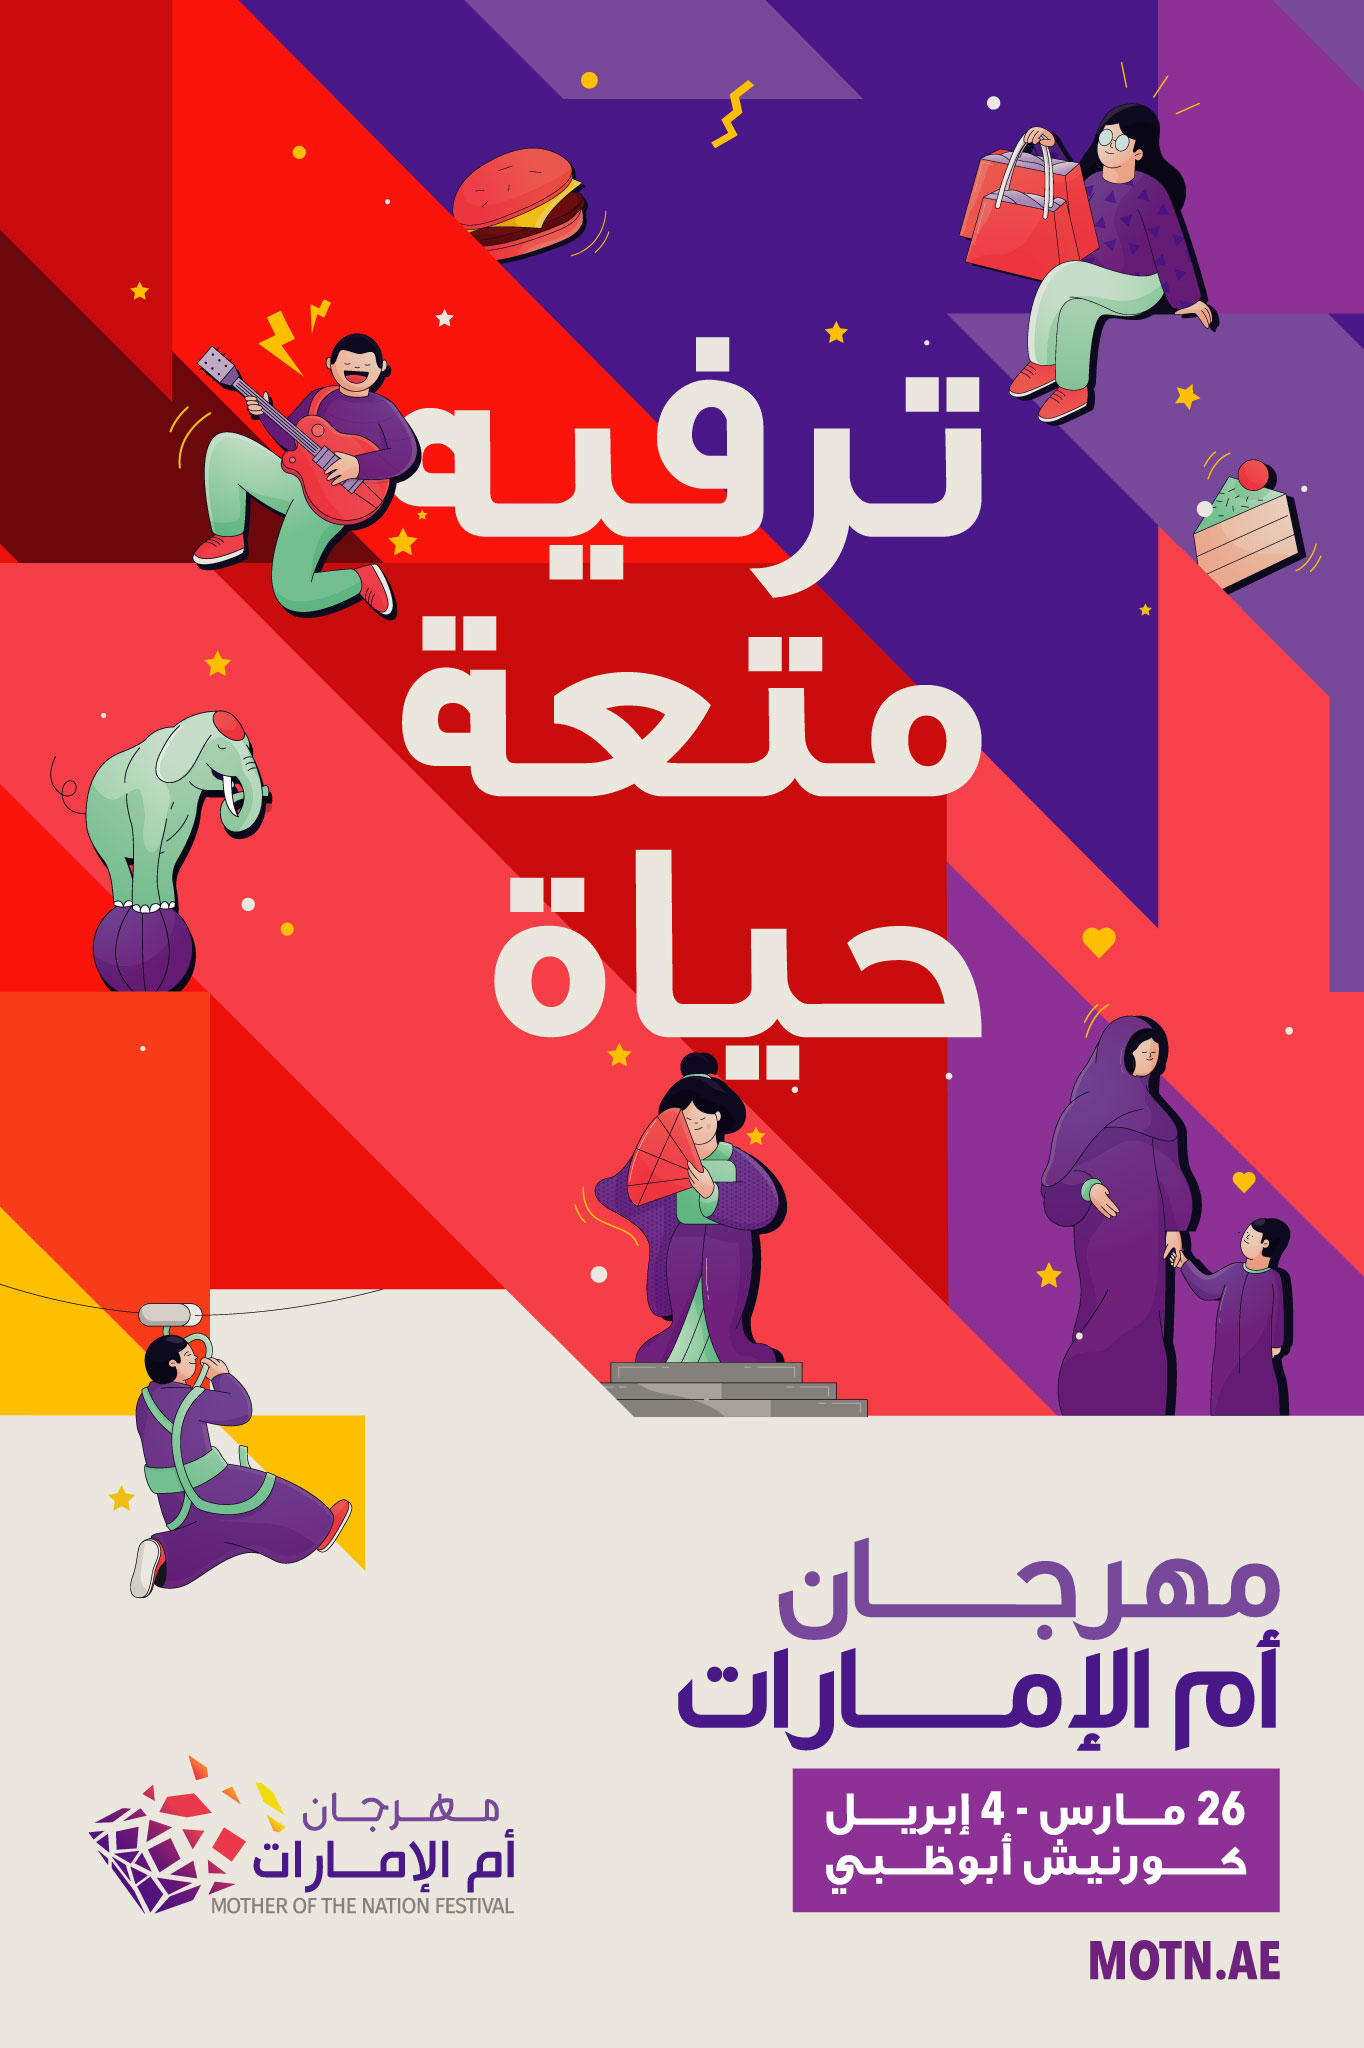 الدورة الخامسة من مهرجان أم الإمارات تنطلق في 26 مارس المقبل